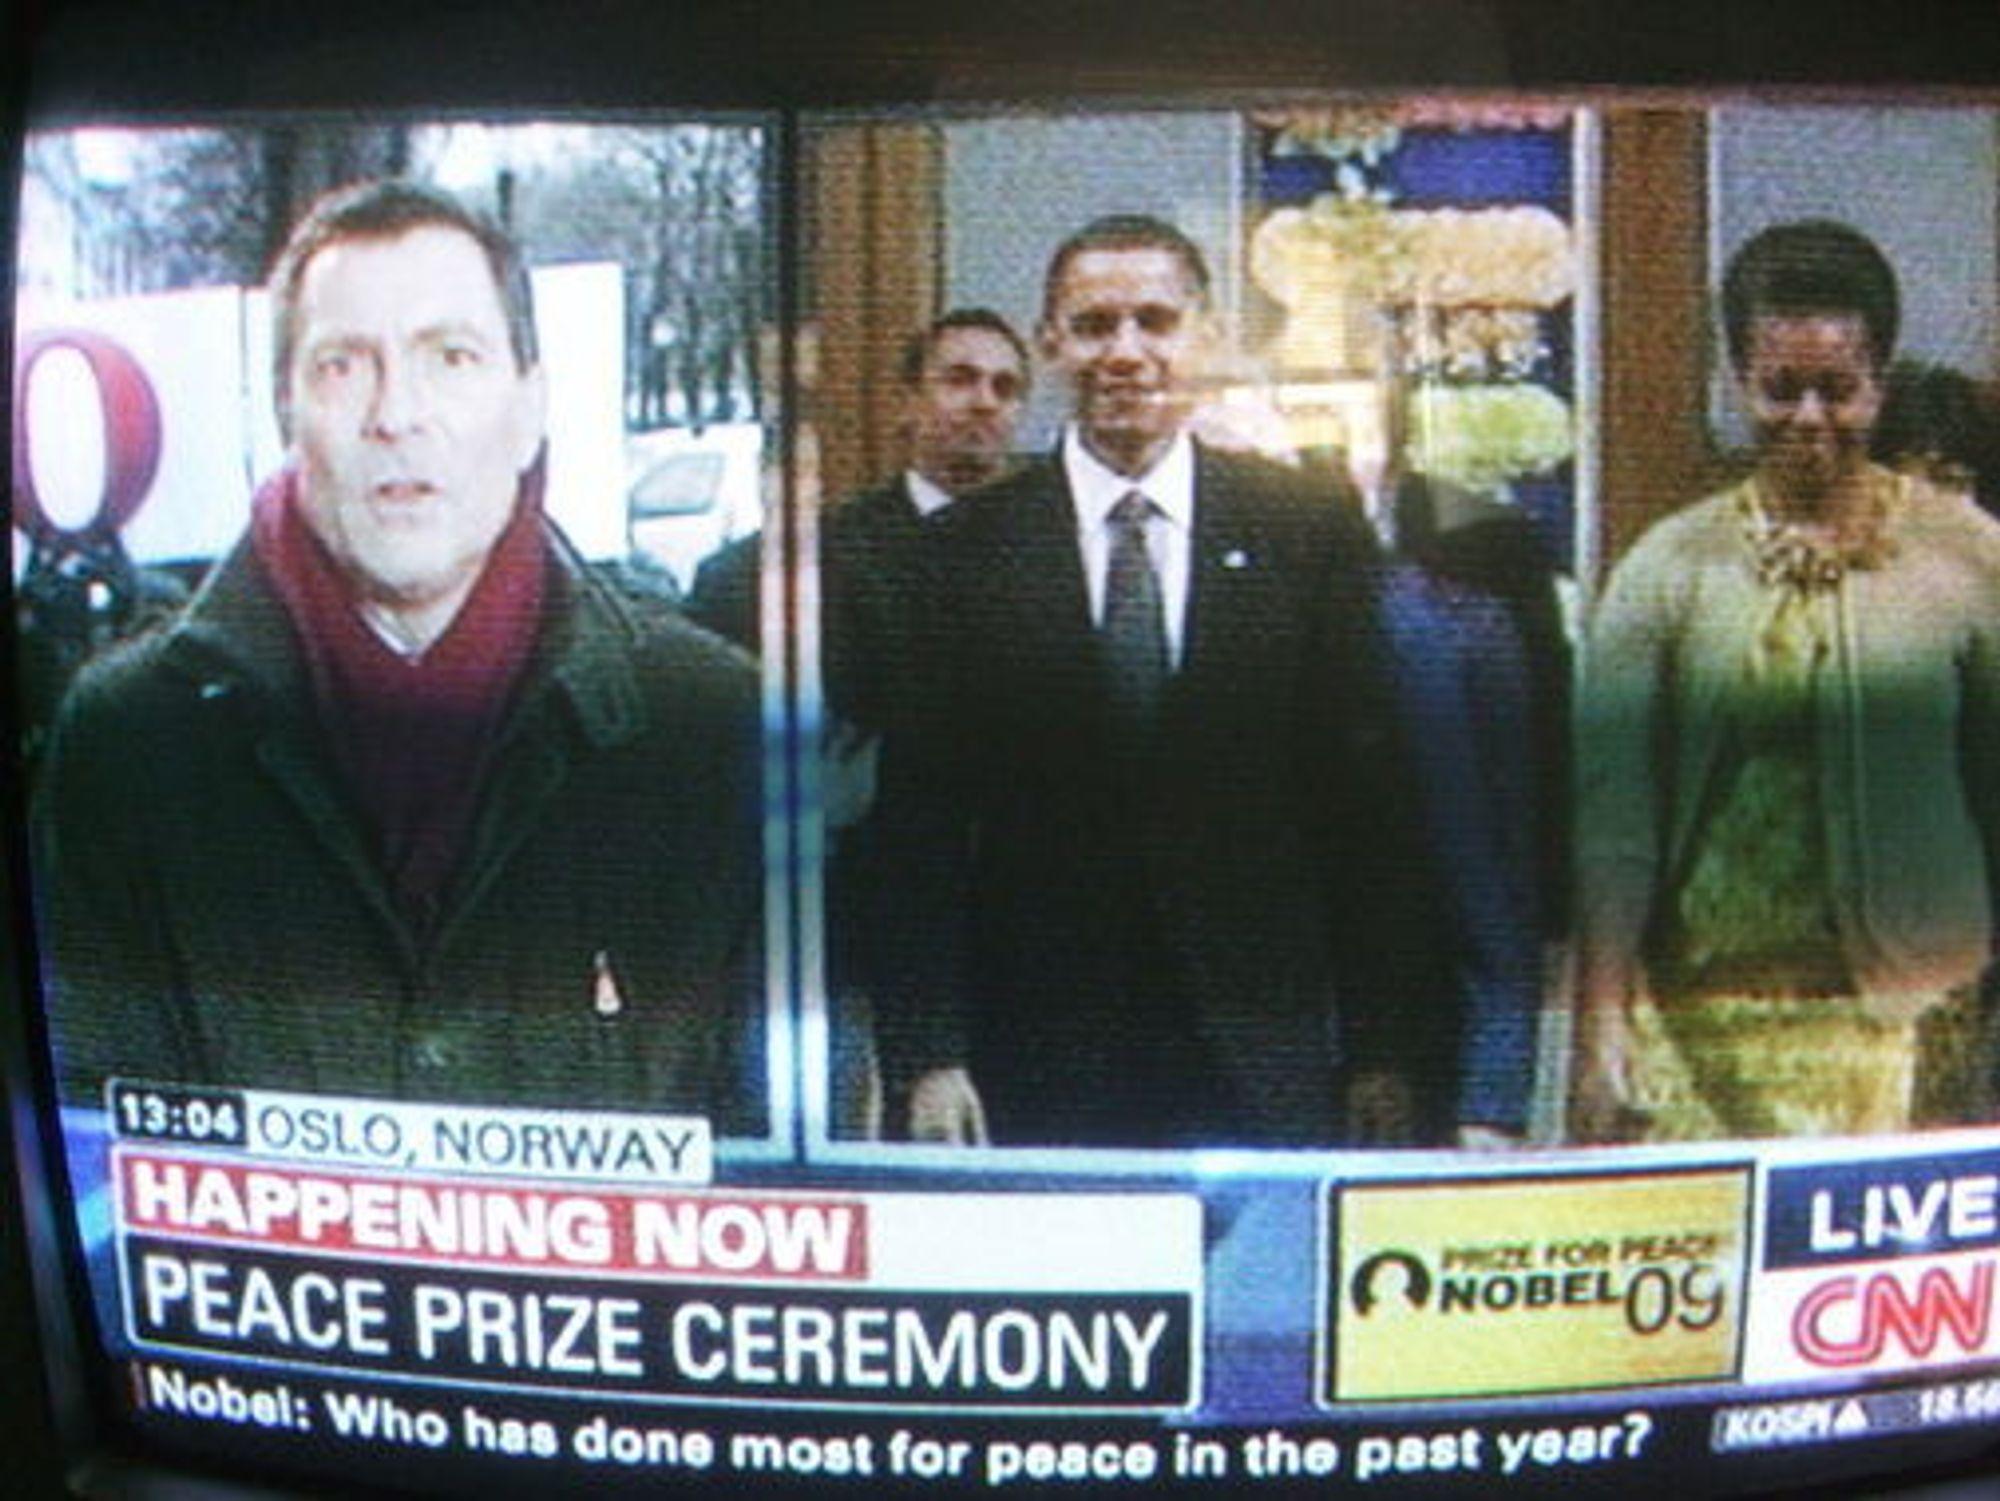 Opera kuppet CNN-sendingen fra utdelingen av Fredsprisen til Barrack Obama.